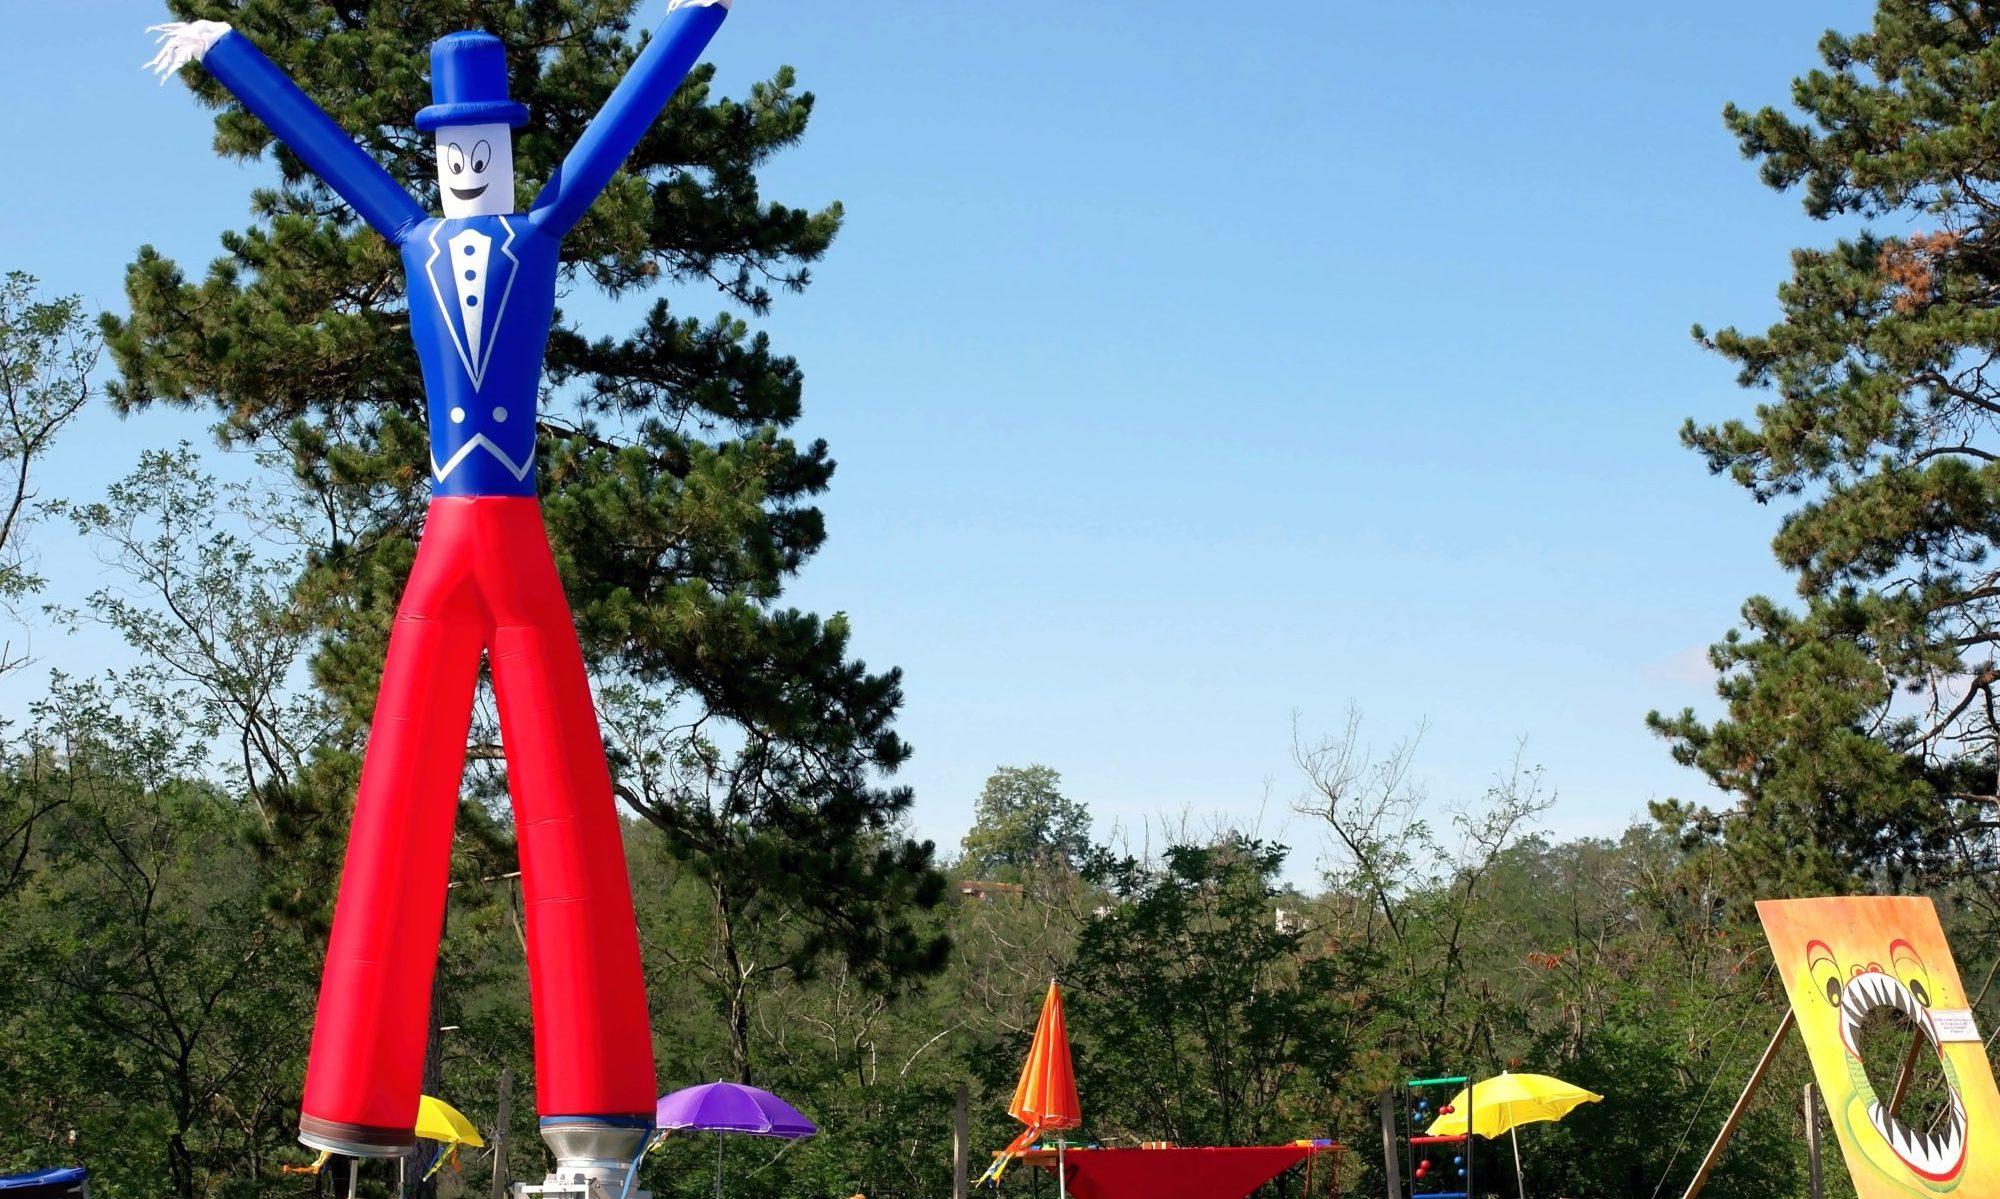 BIANCA AGENCY - Dětské dny, Karnevaly, Firemní akce